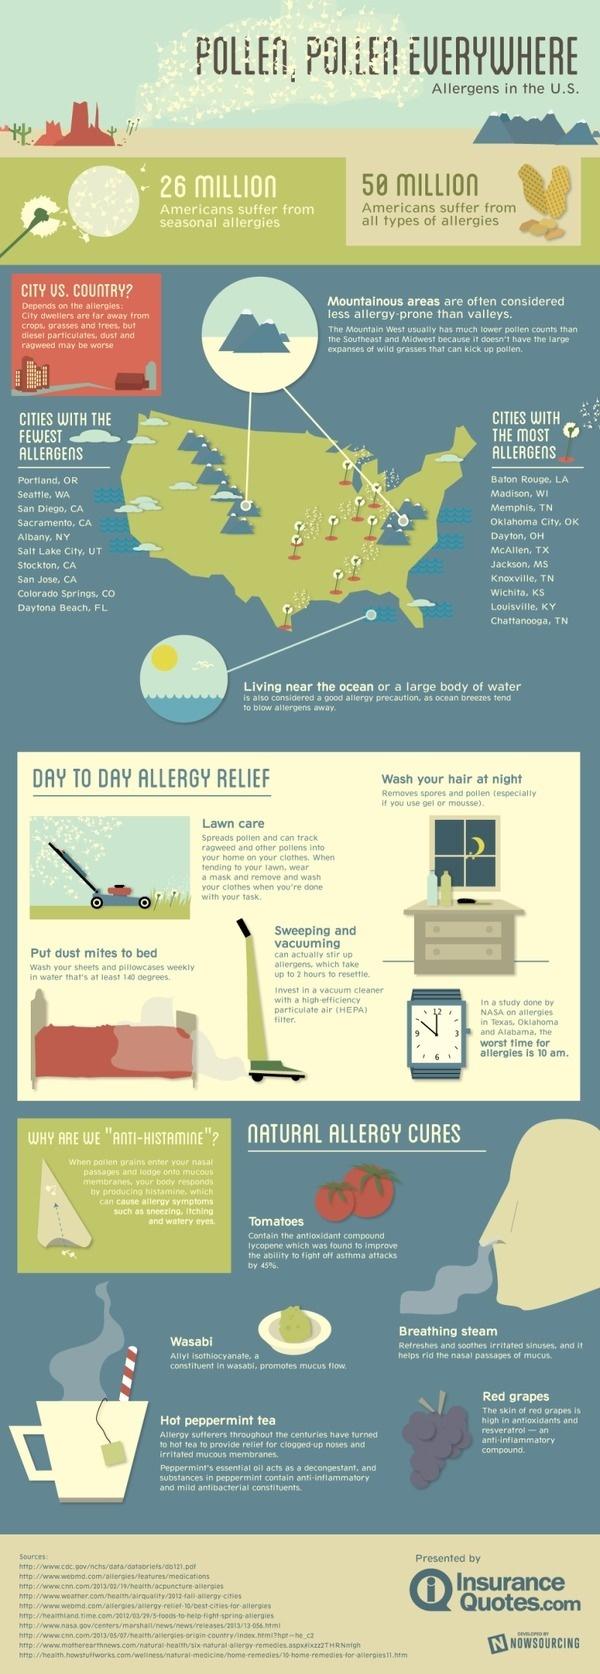 Pollen, Pollen Everywhere! #pollen #infographic #design #health #allergies